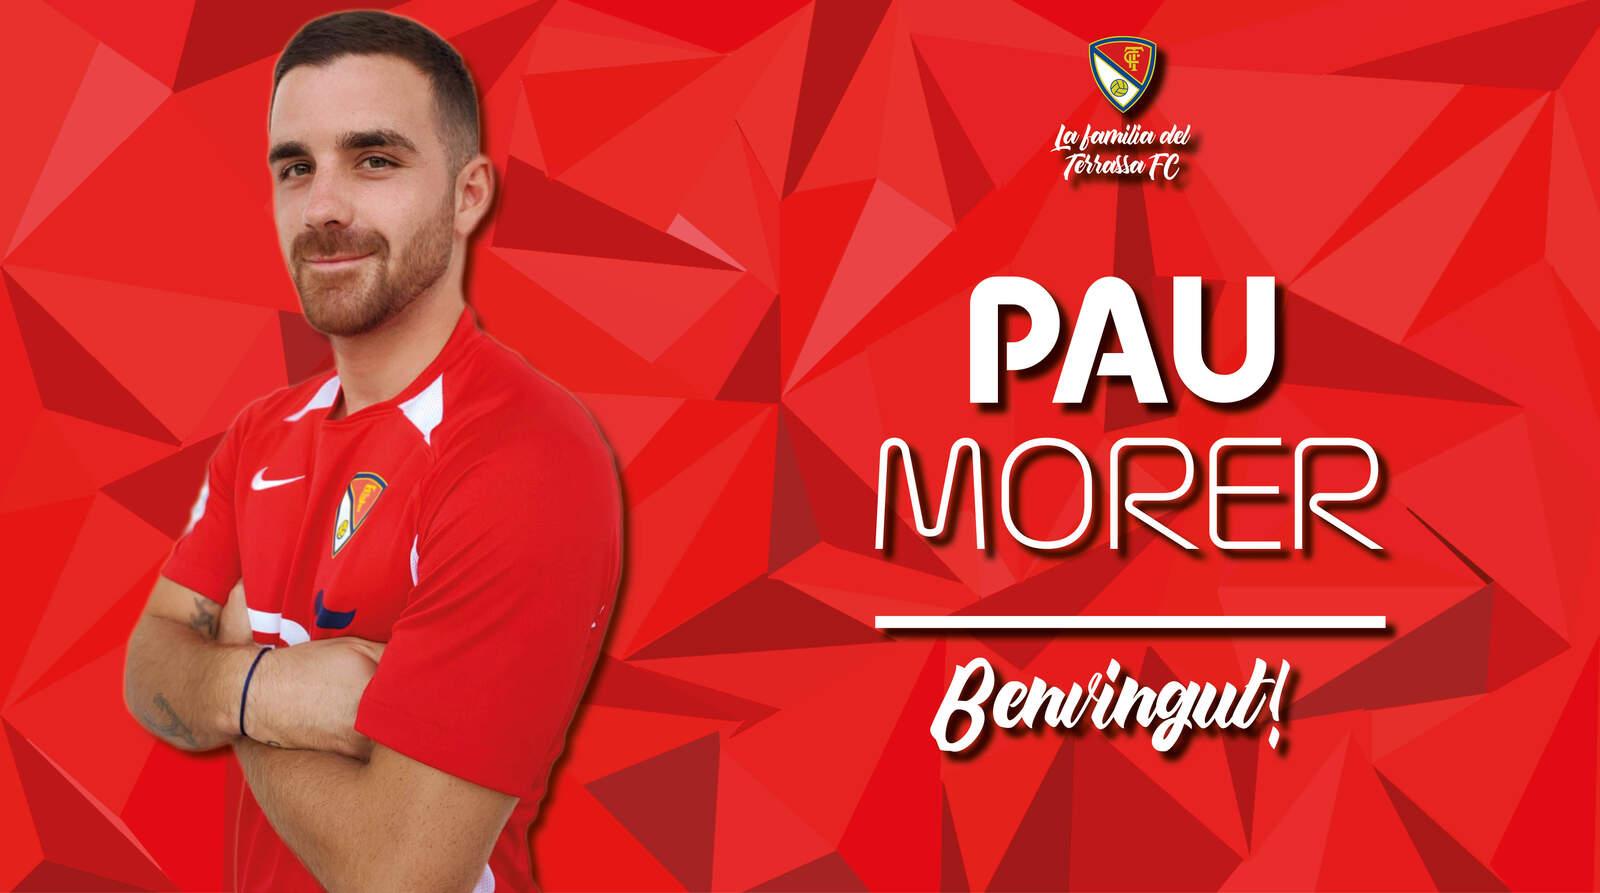 Pau Morer Vicente